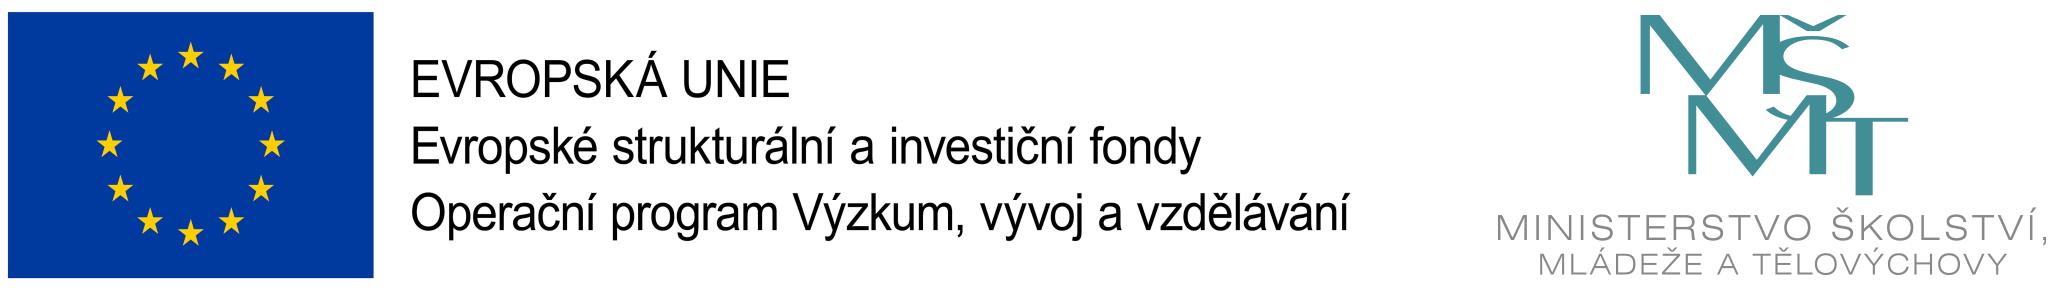 EU - Evropské strukturální a investiční fondy